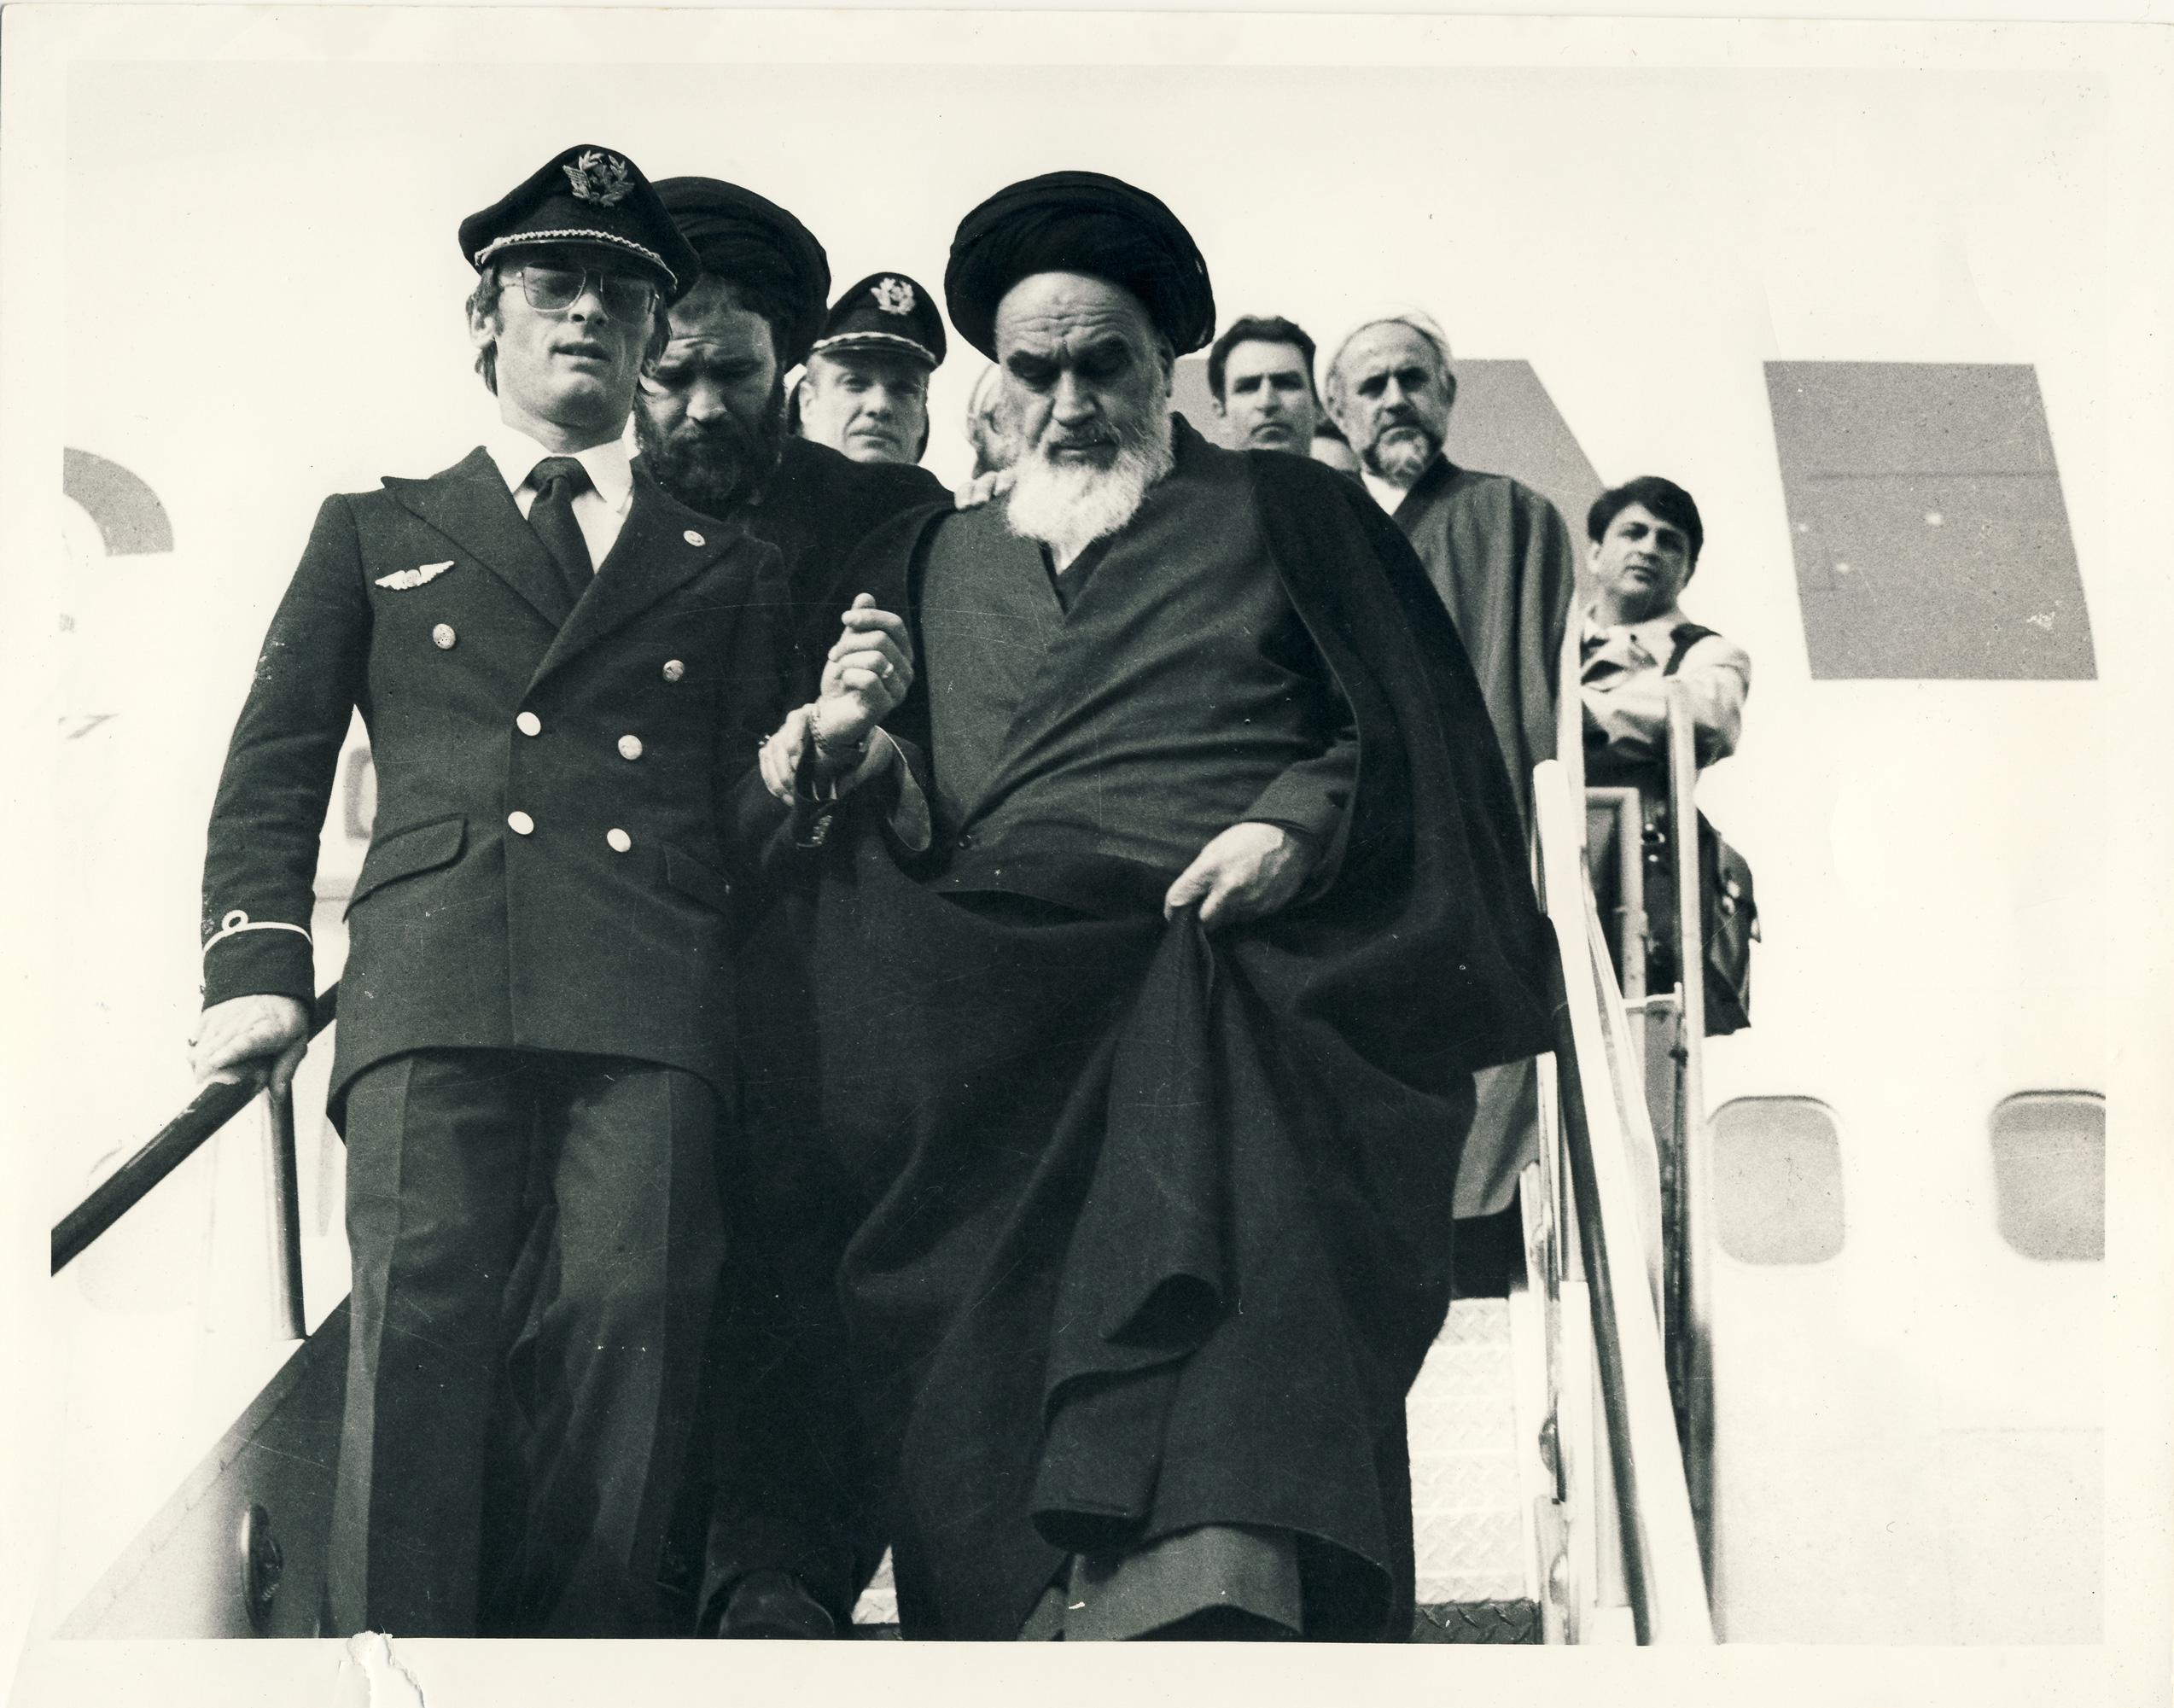 خاطرات عکاسی که پیاده شدن امام(ره) از هواپیما را عکس گرفت/ از ثبت تظاهرات بهمن 57 تا پرتره سرداران دفاع مقدس